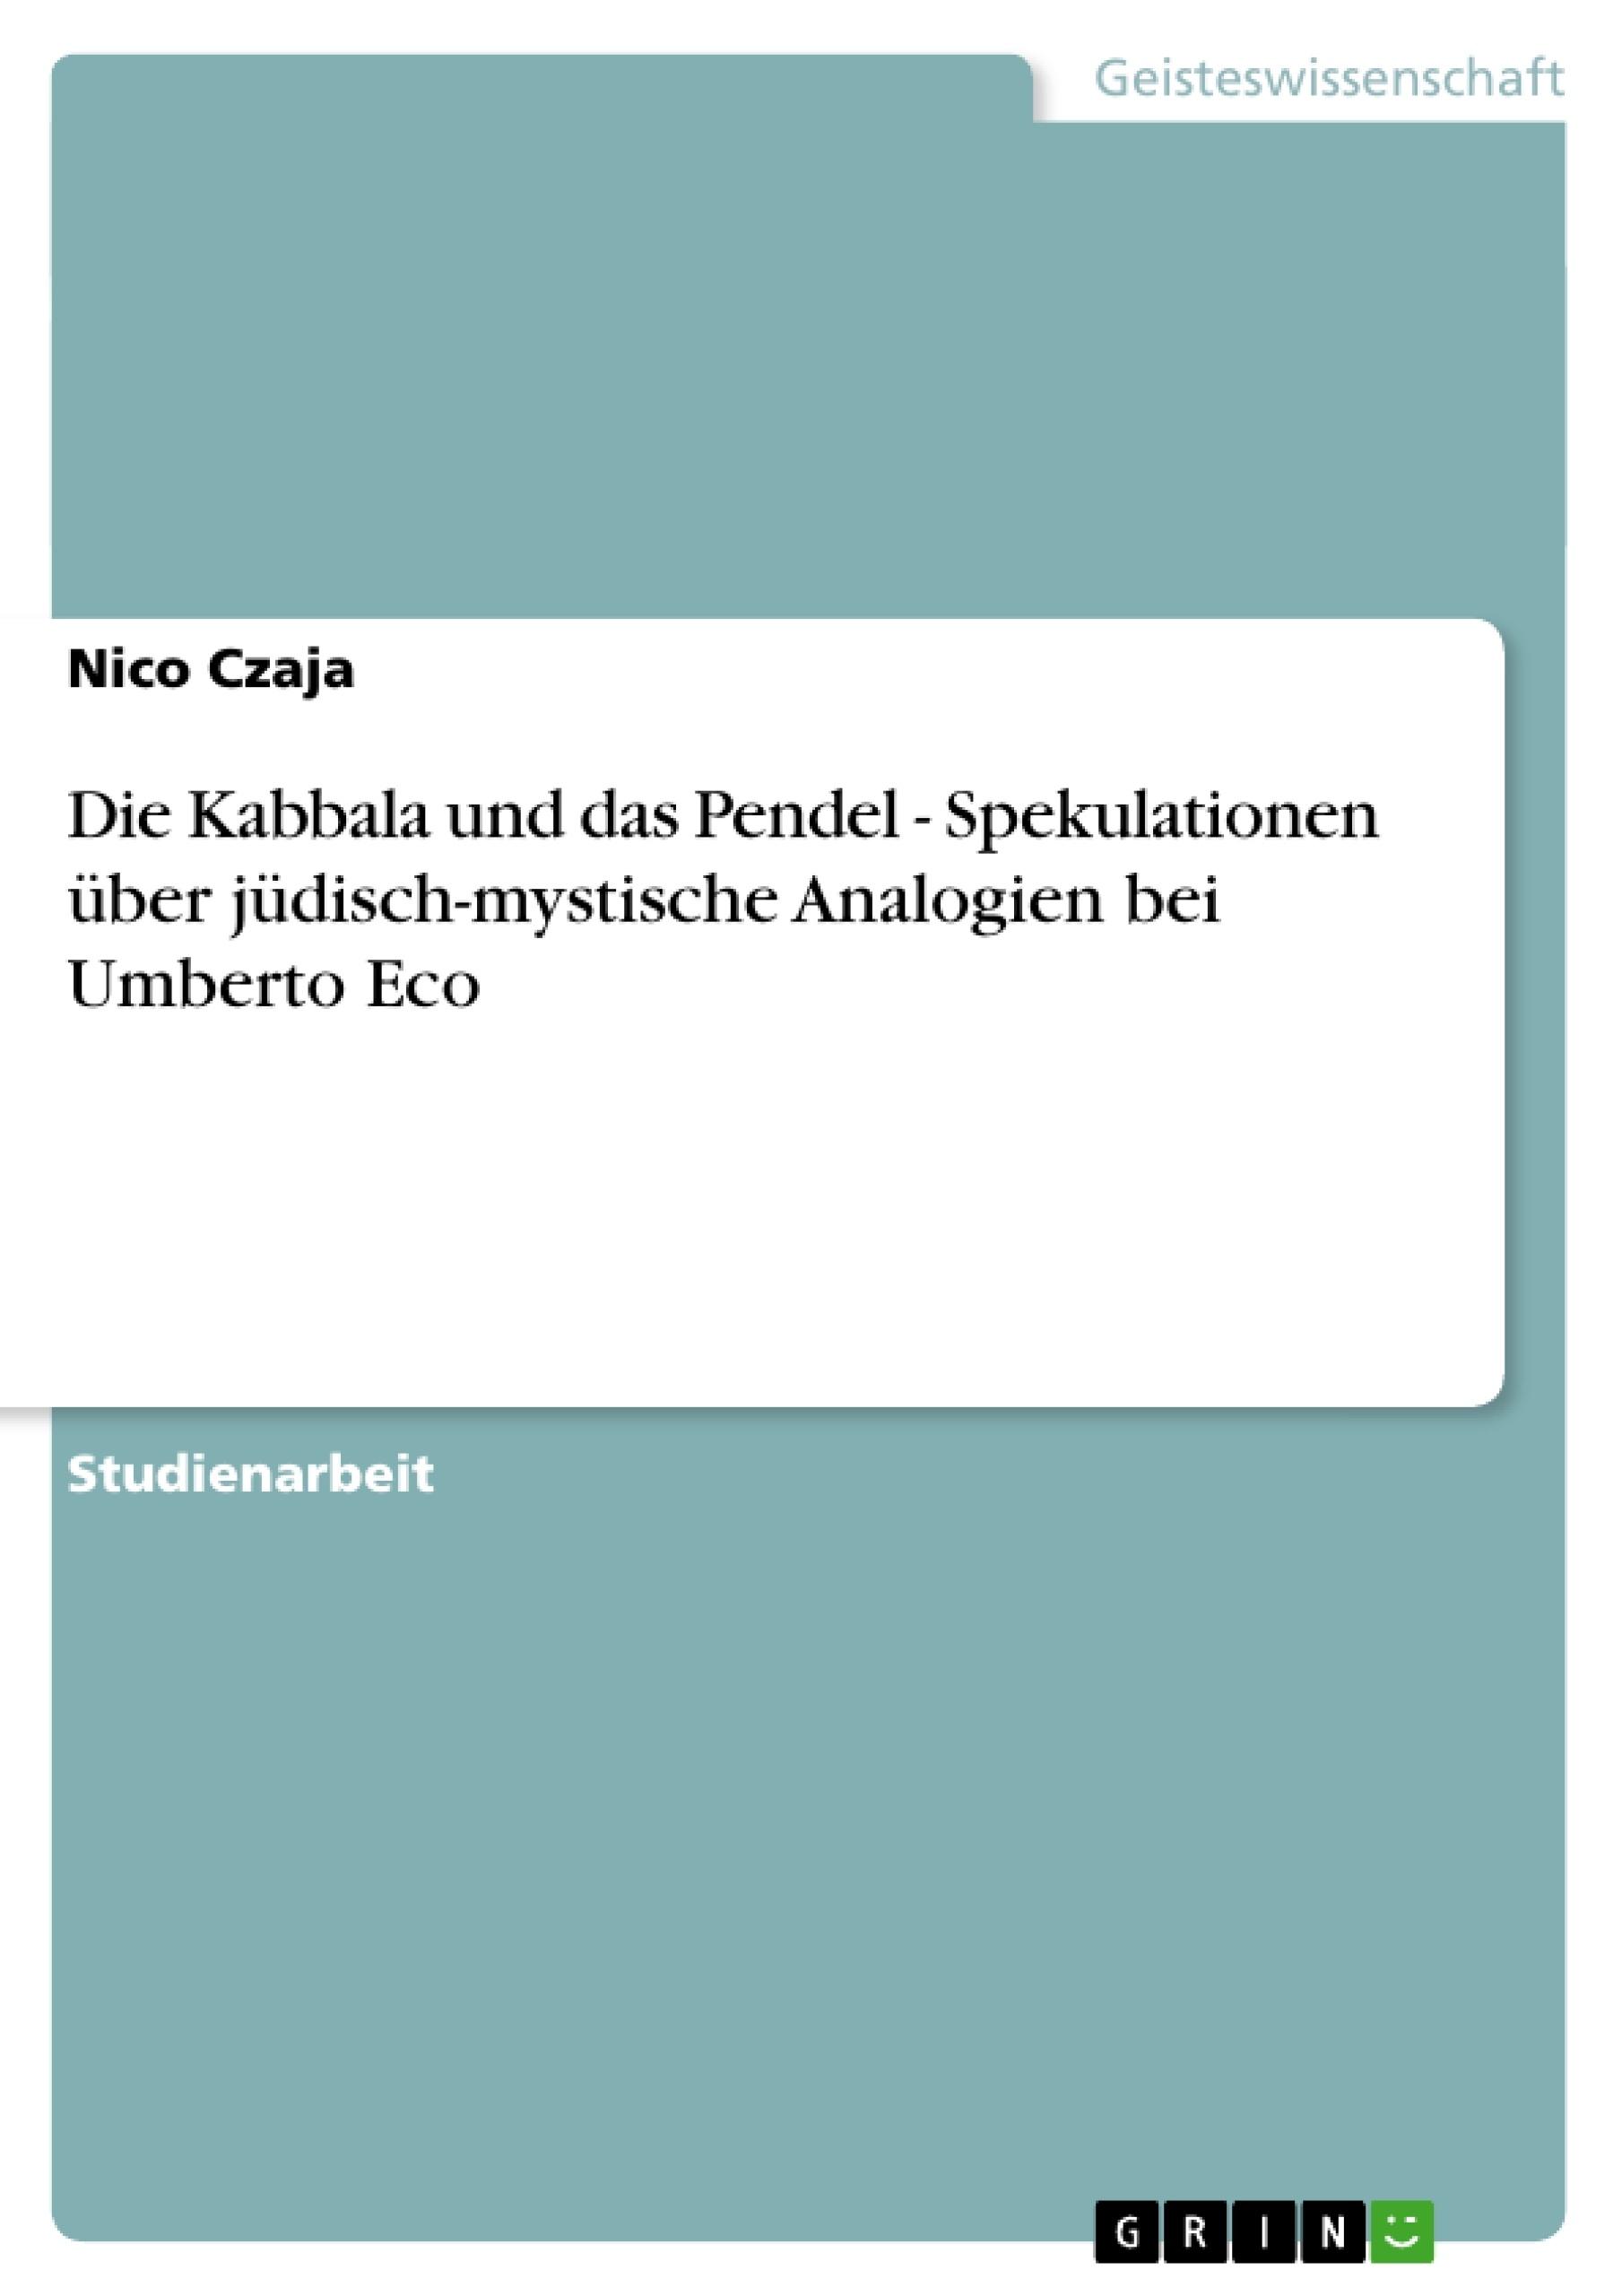 Titel: Die Kabbala und das Pendel - Spekulationen über jüdisch-mystische Analogien bei Umberto Eco